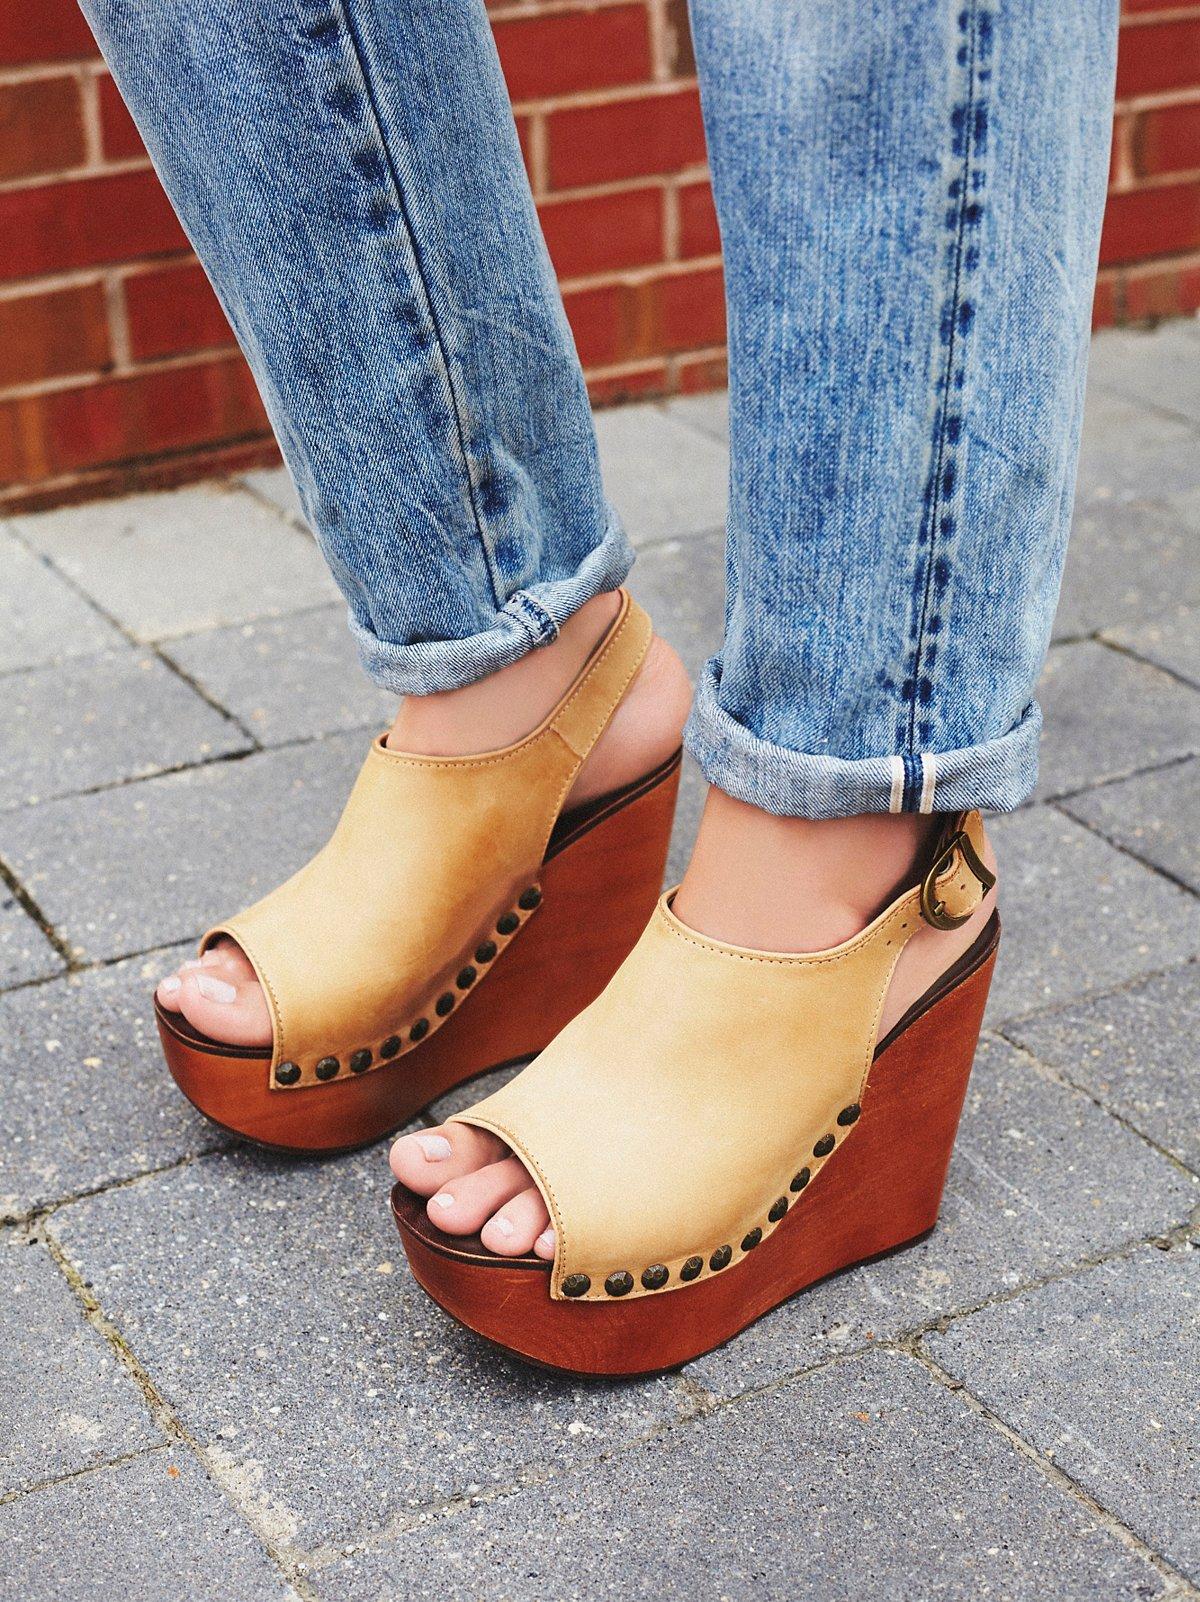 Olivia坡跟鞋